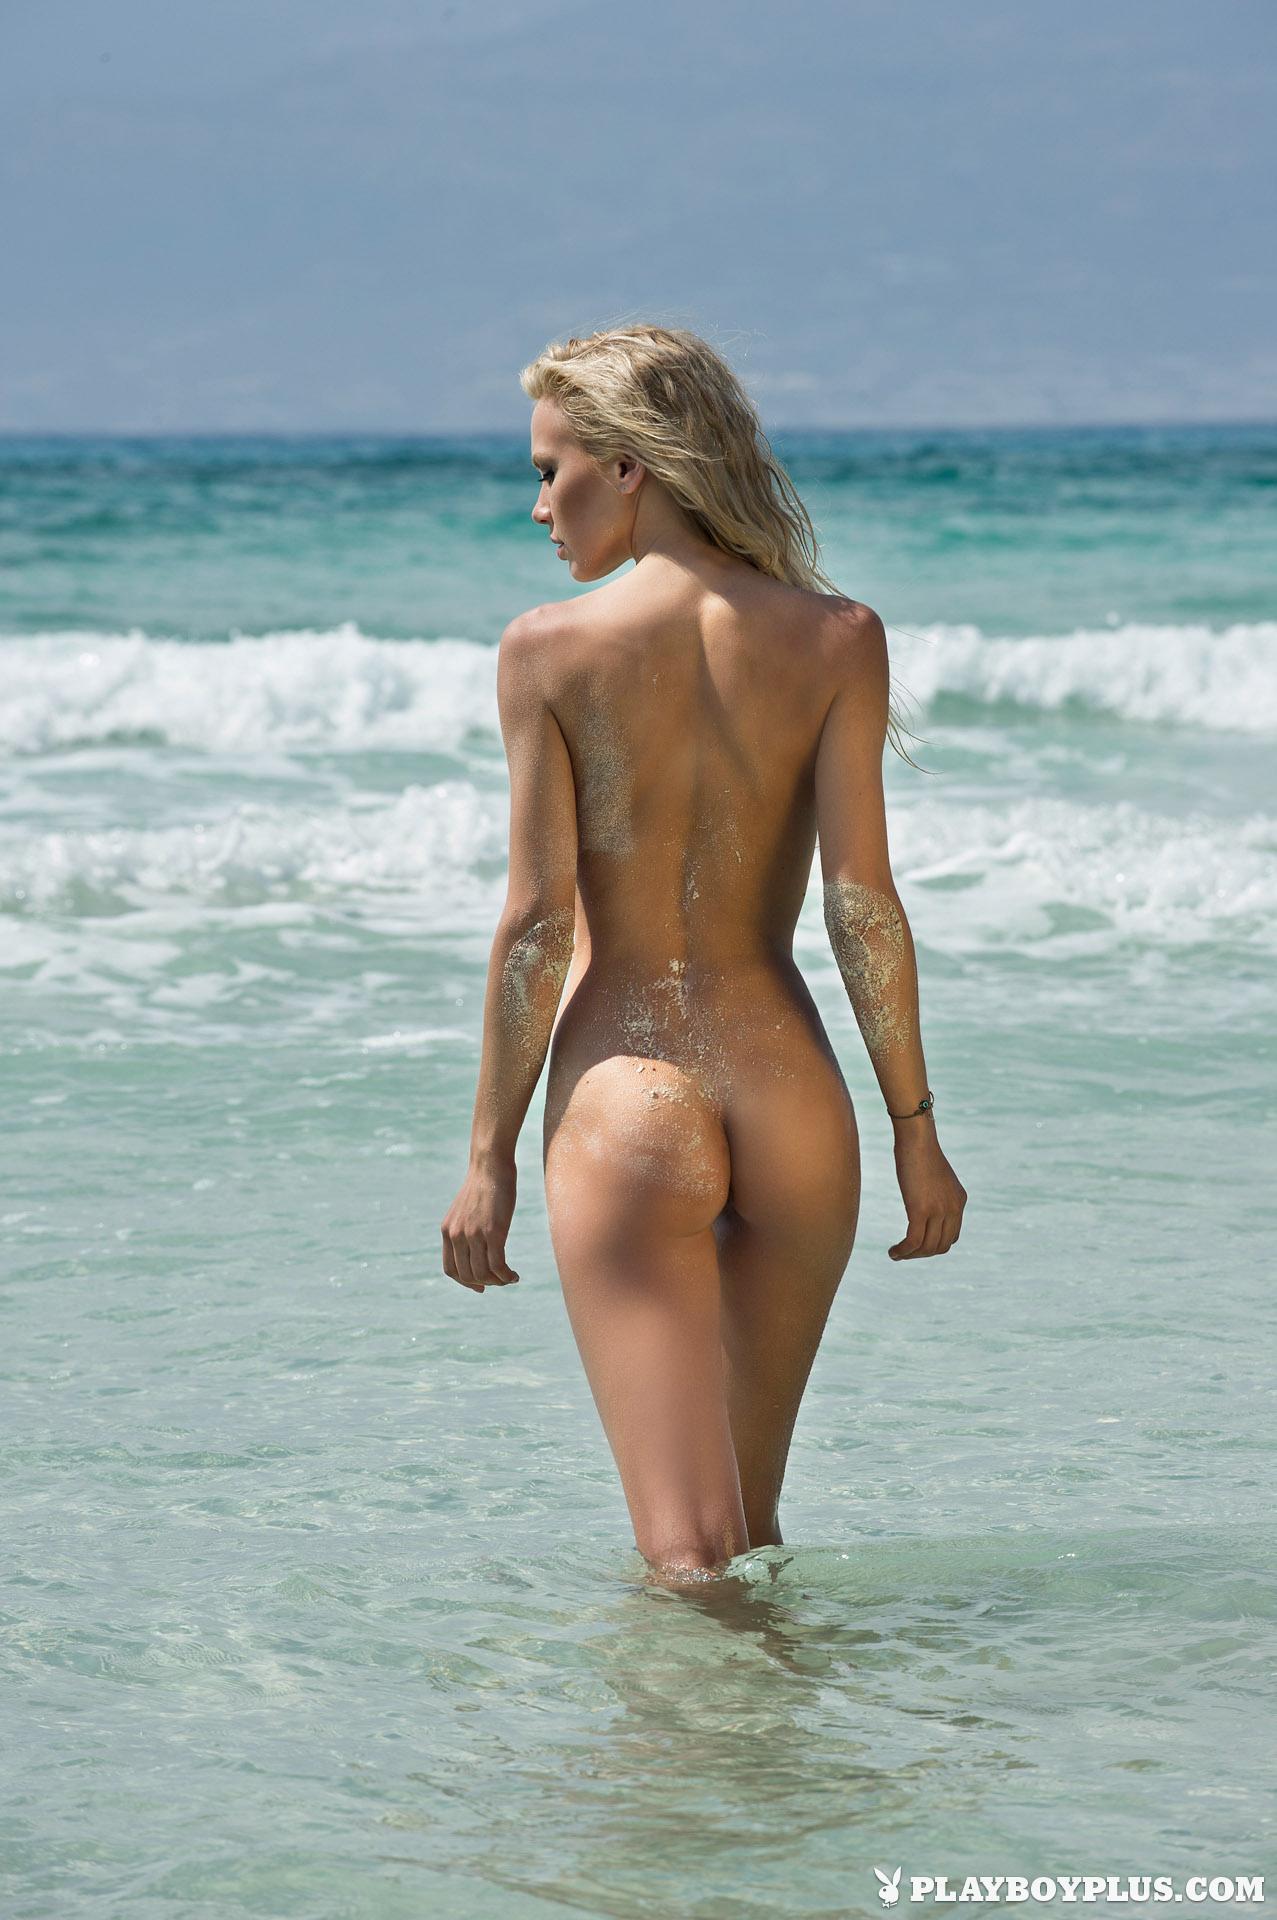 greek hot woman nude